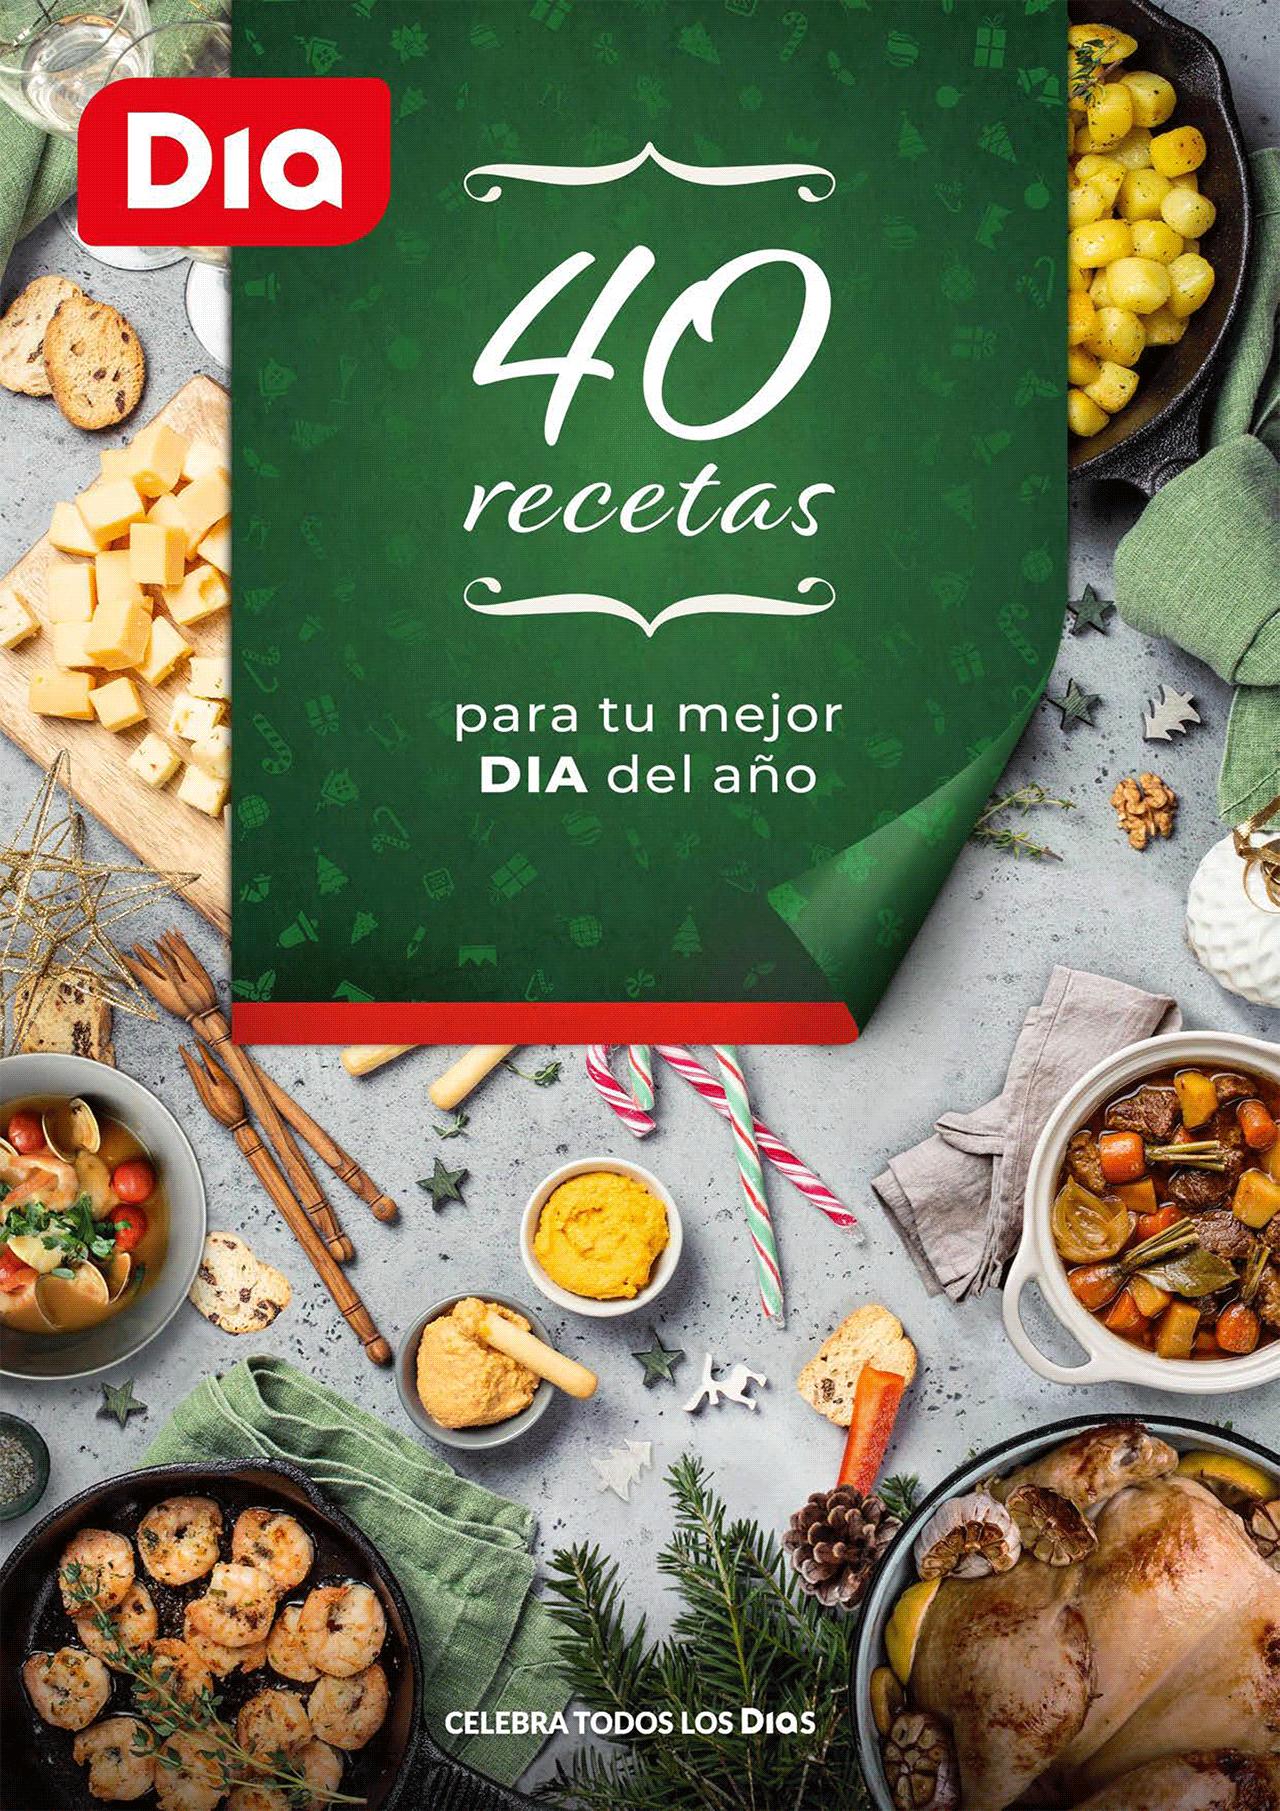 Descarga el Libro Digital 40 Recetas para tu mejor DIA del año.